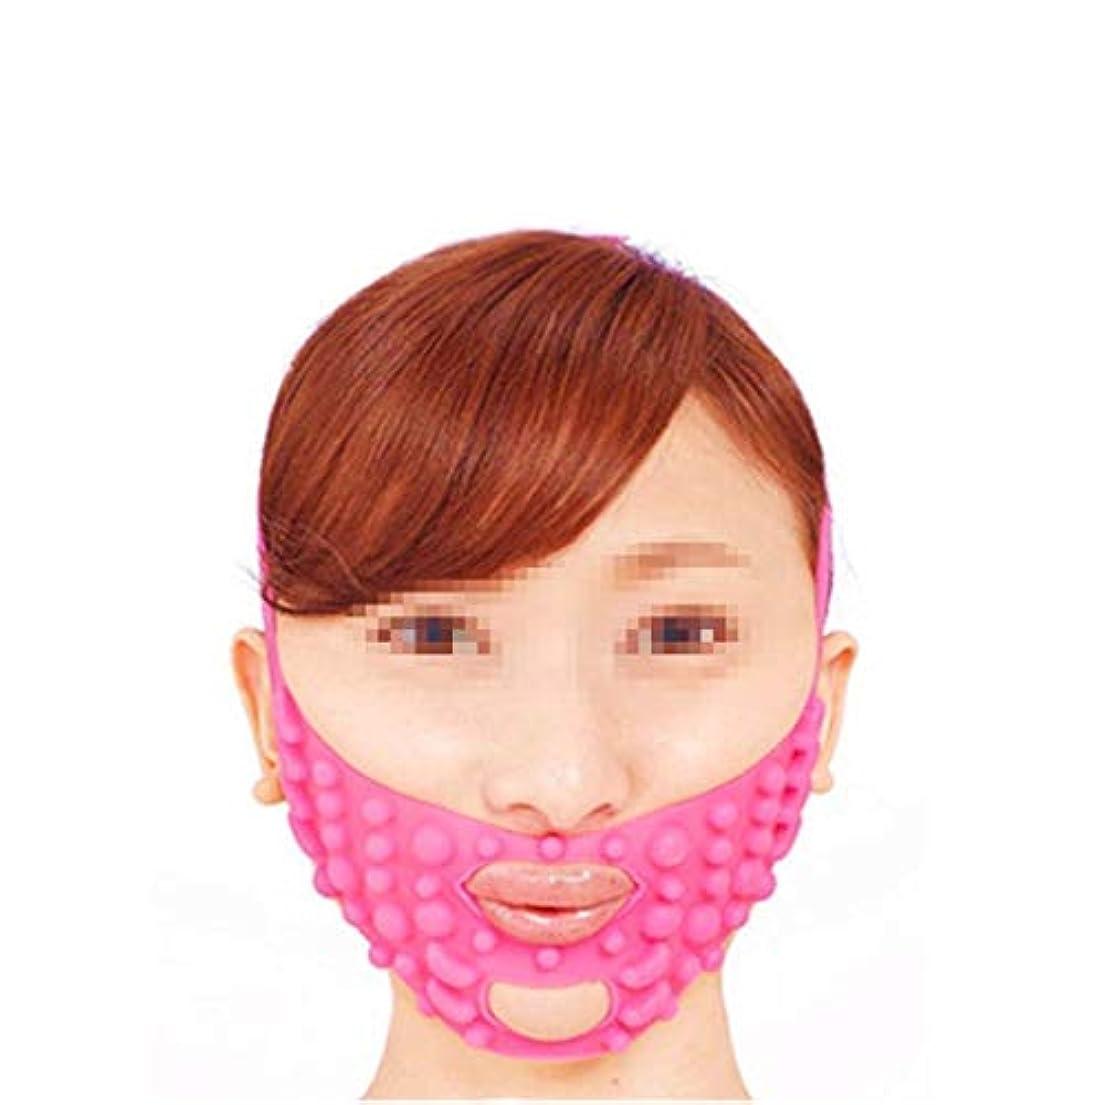 協定人気プラカードシリコンマッサージフェイスマスク、タイトな形の小さなVフェイスリフトから法令パターンのフェイスリフト包帯ピンク